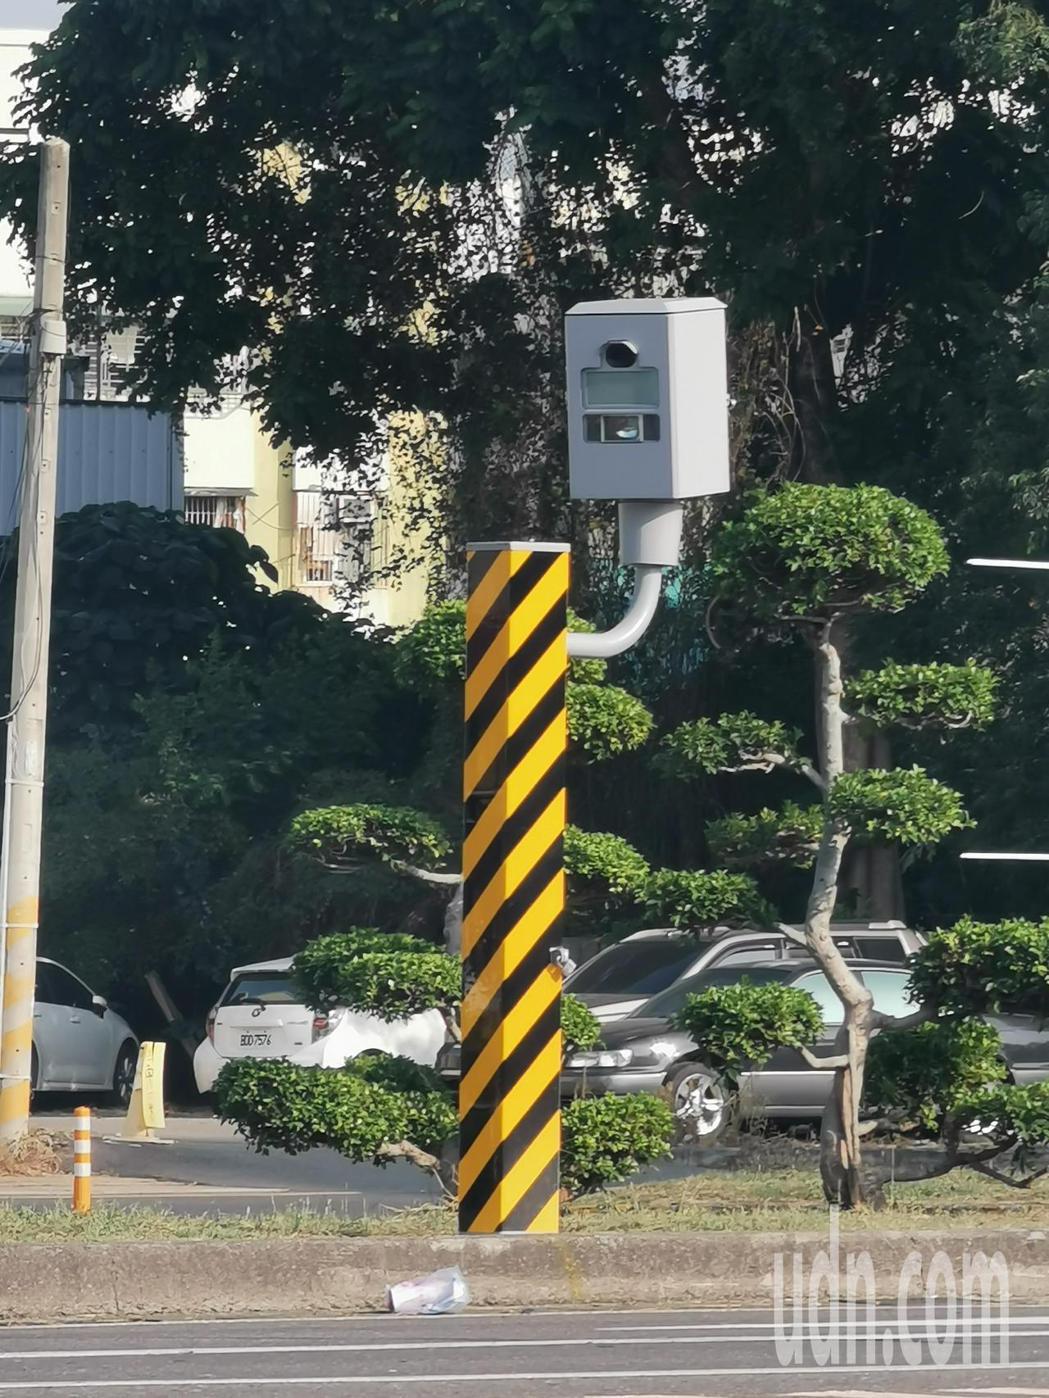 嘉義市忠孝路、義教街口測速、闖紅燈取締照相設備,上月數位更新,並已公告使用。記者...